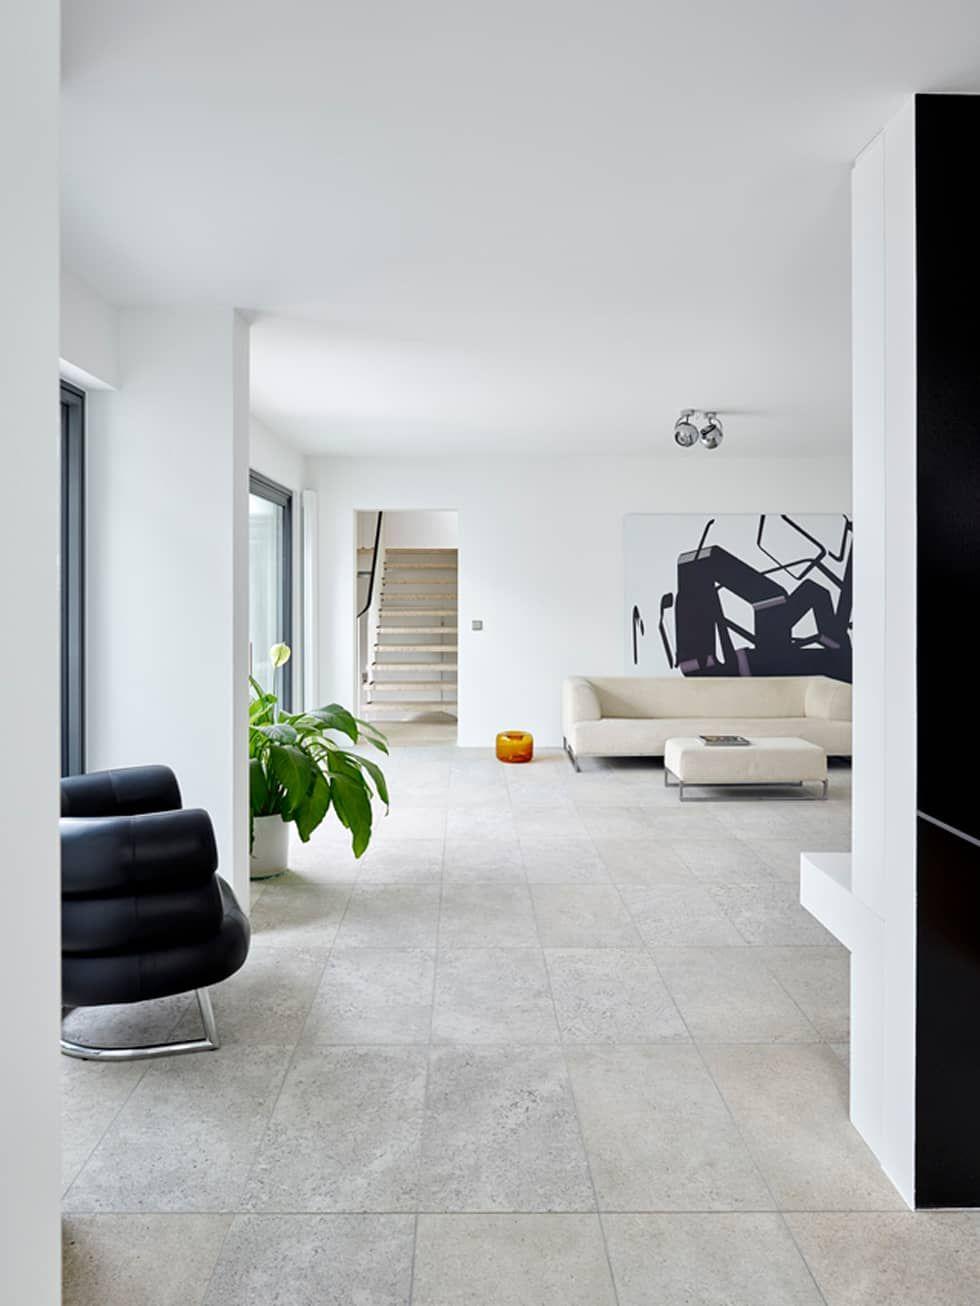 Wohnideen Umbau wohnideen interior design einrichtungsideen bilder sanierung